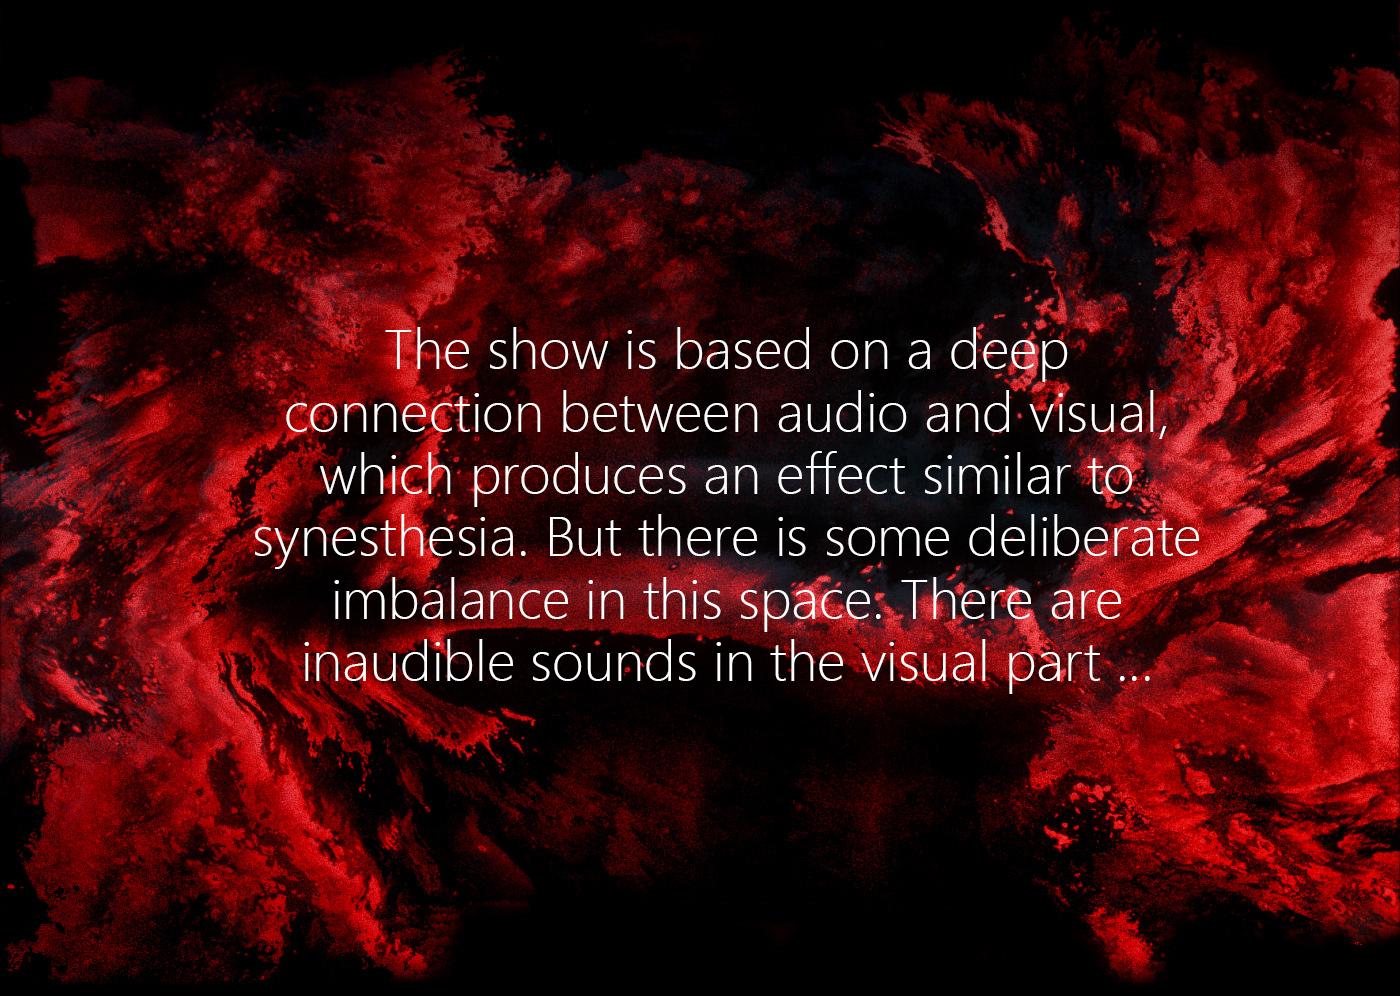 description of concept